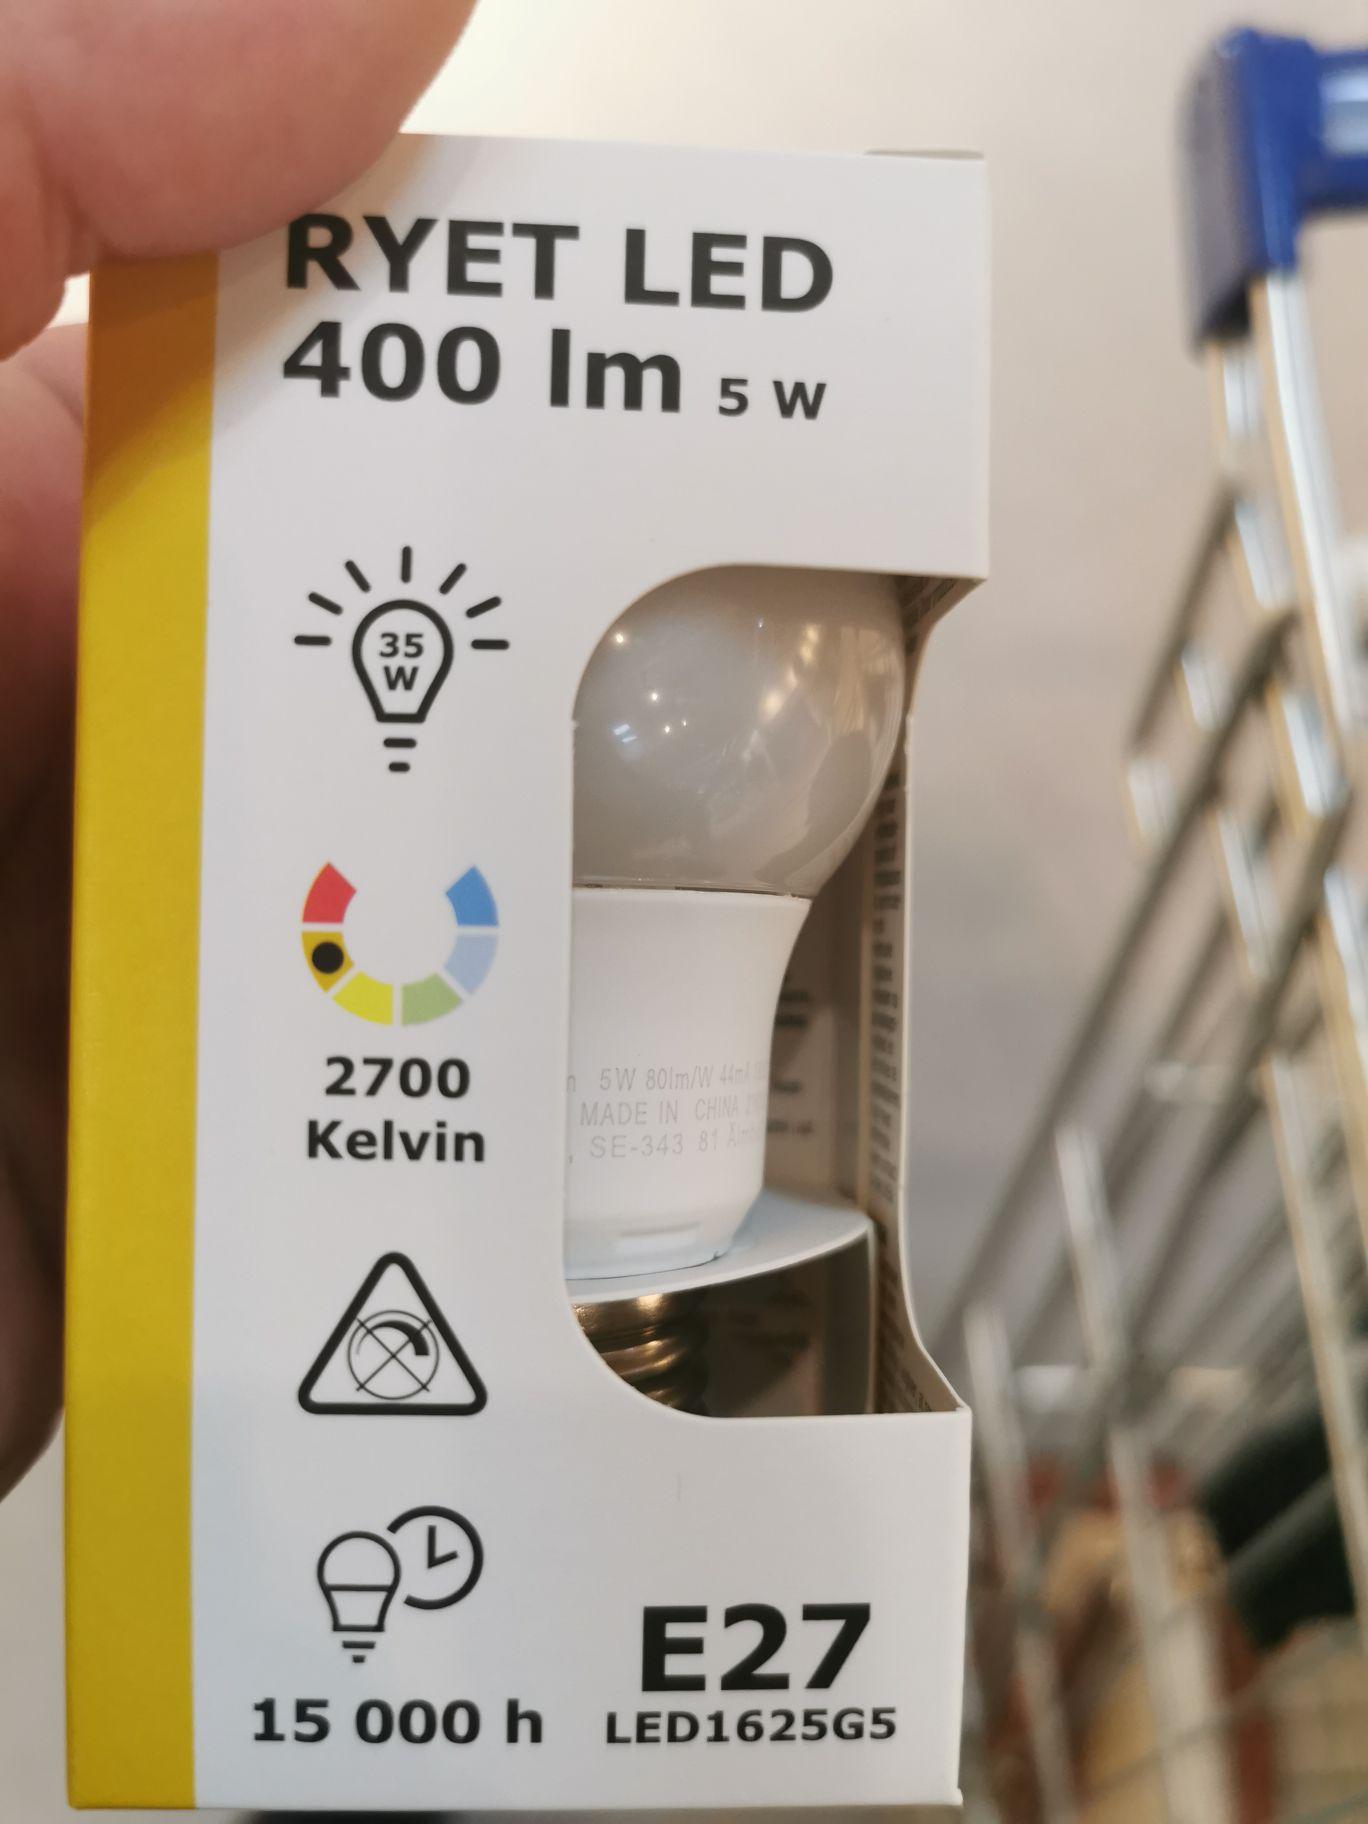 Ikea Led Lamp E27 400 lumen